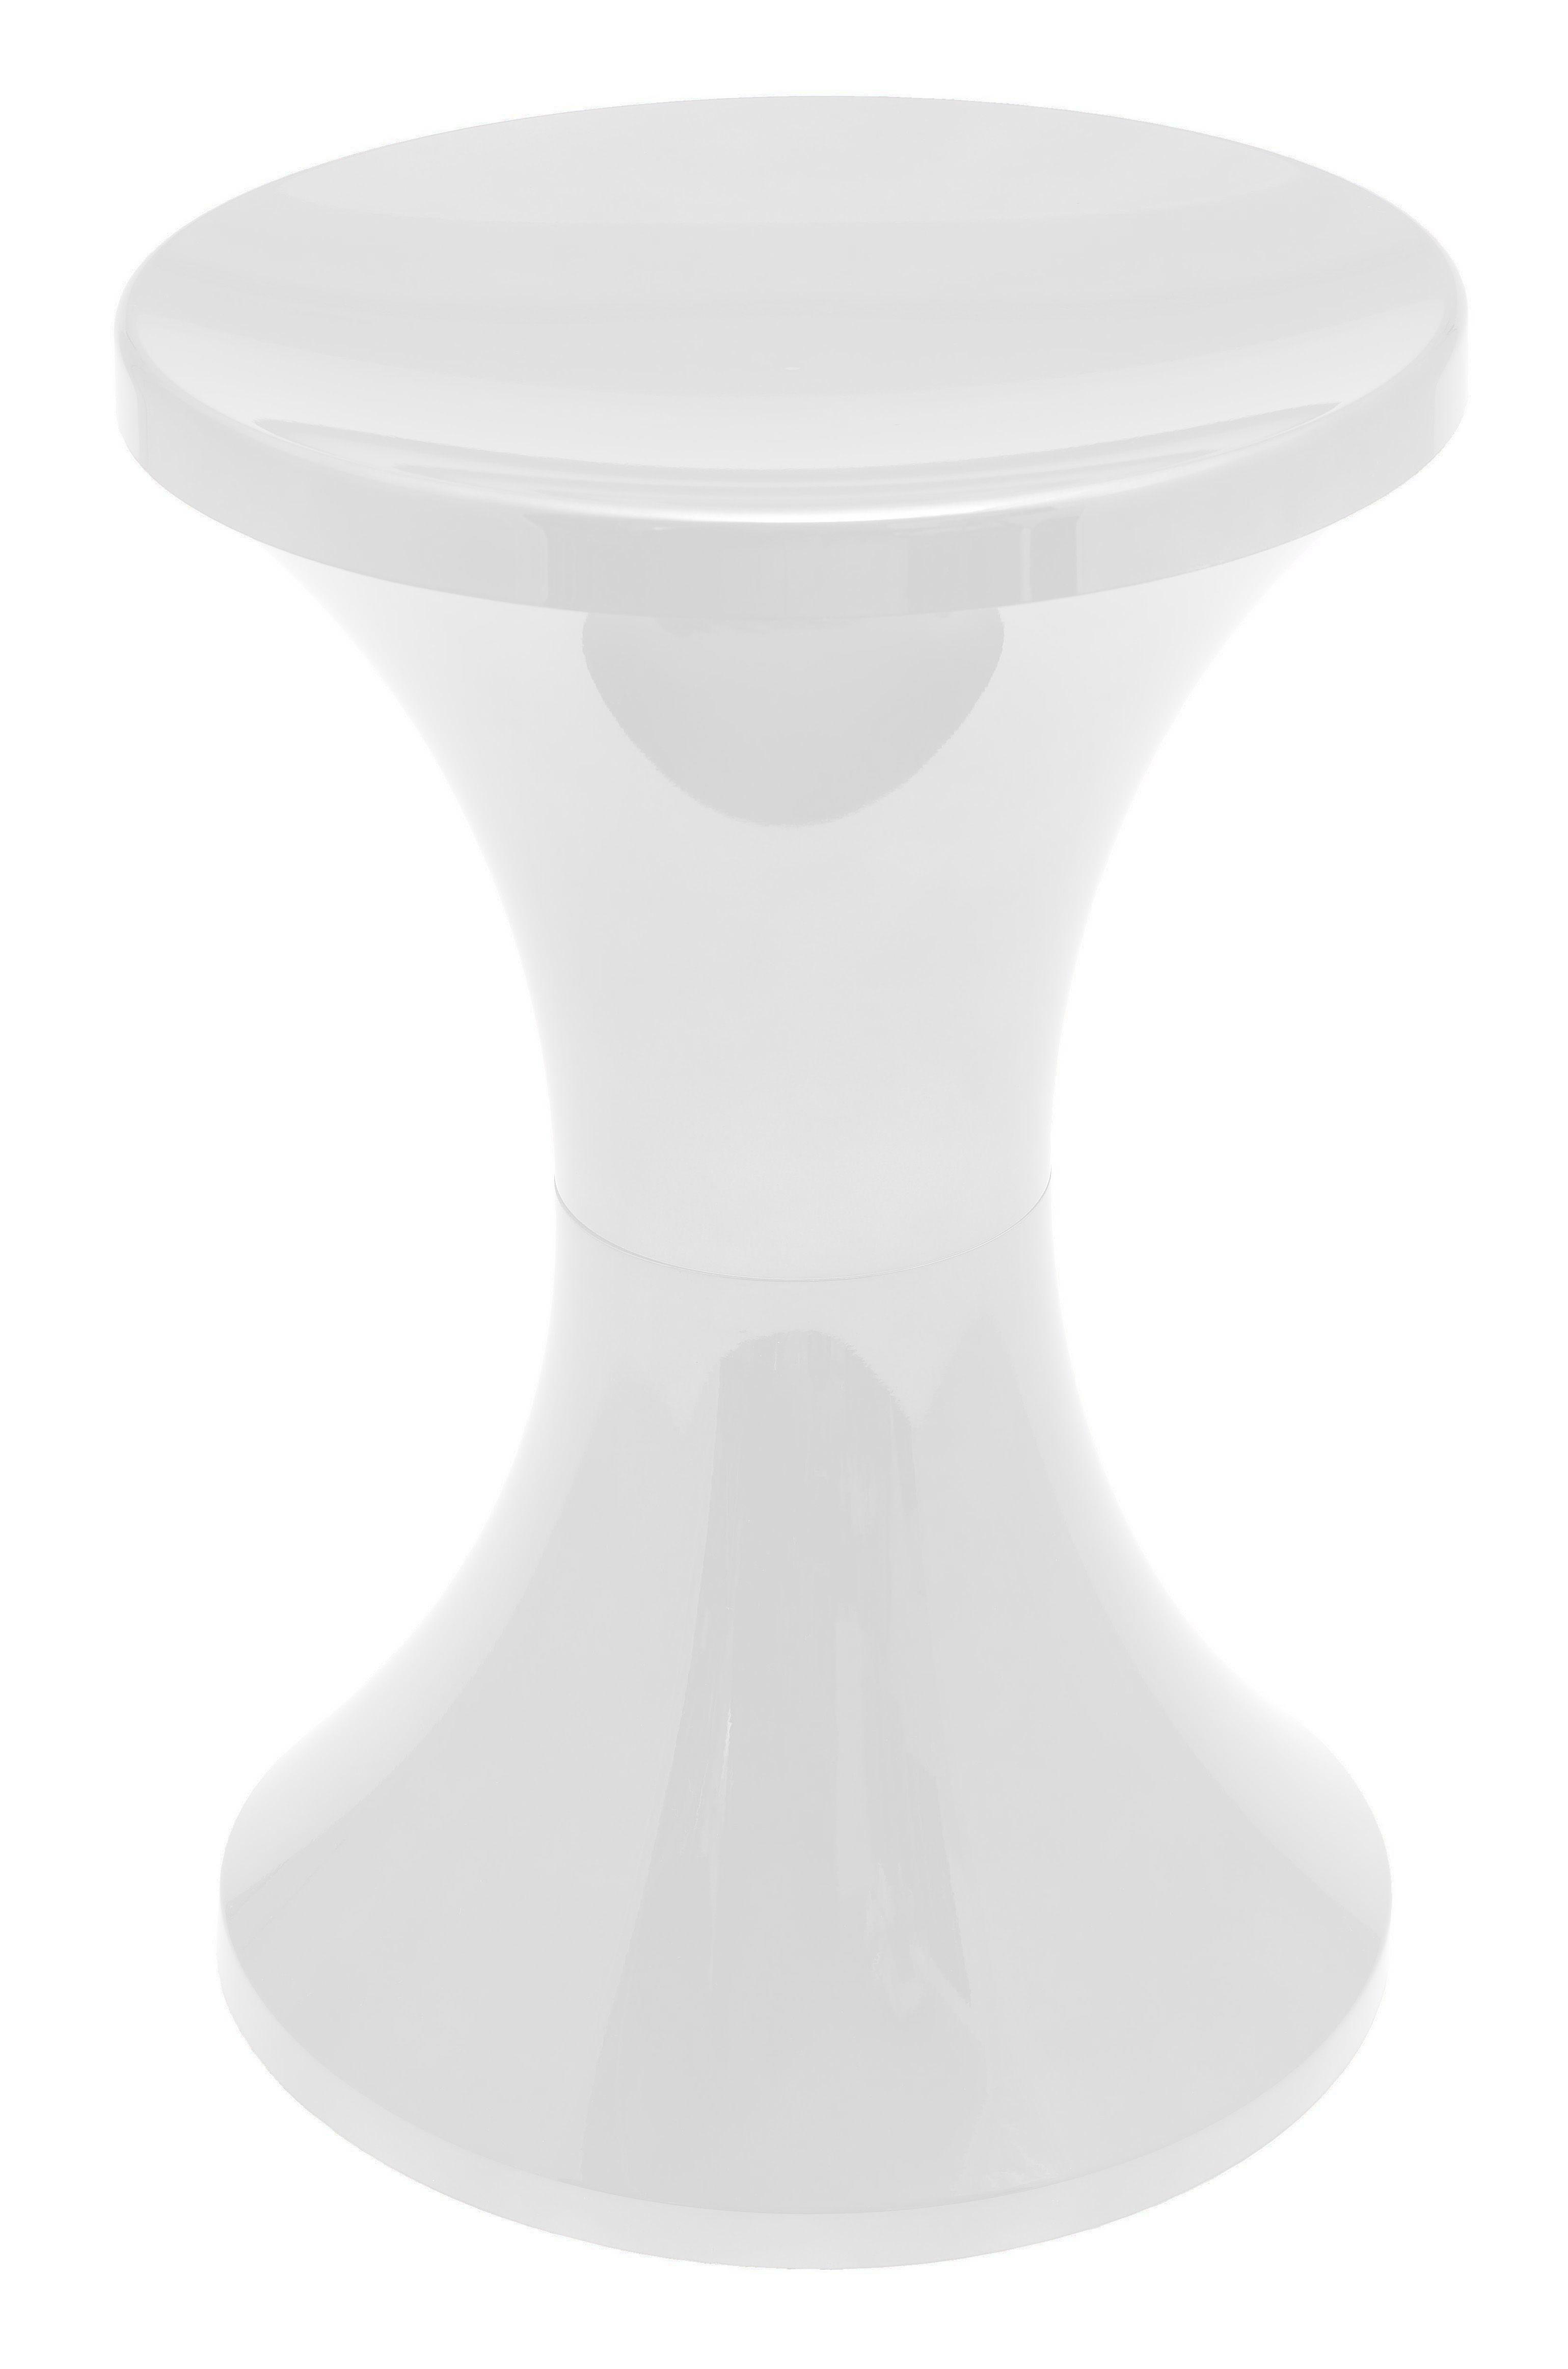 tabouret tam tam chrom plastique blanc m tallis stamp edition made in design. Black Bedroom Furniture Sets. Home Design Ideas